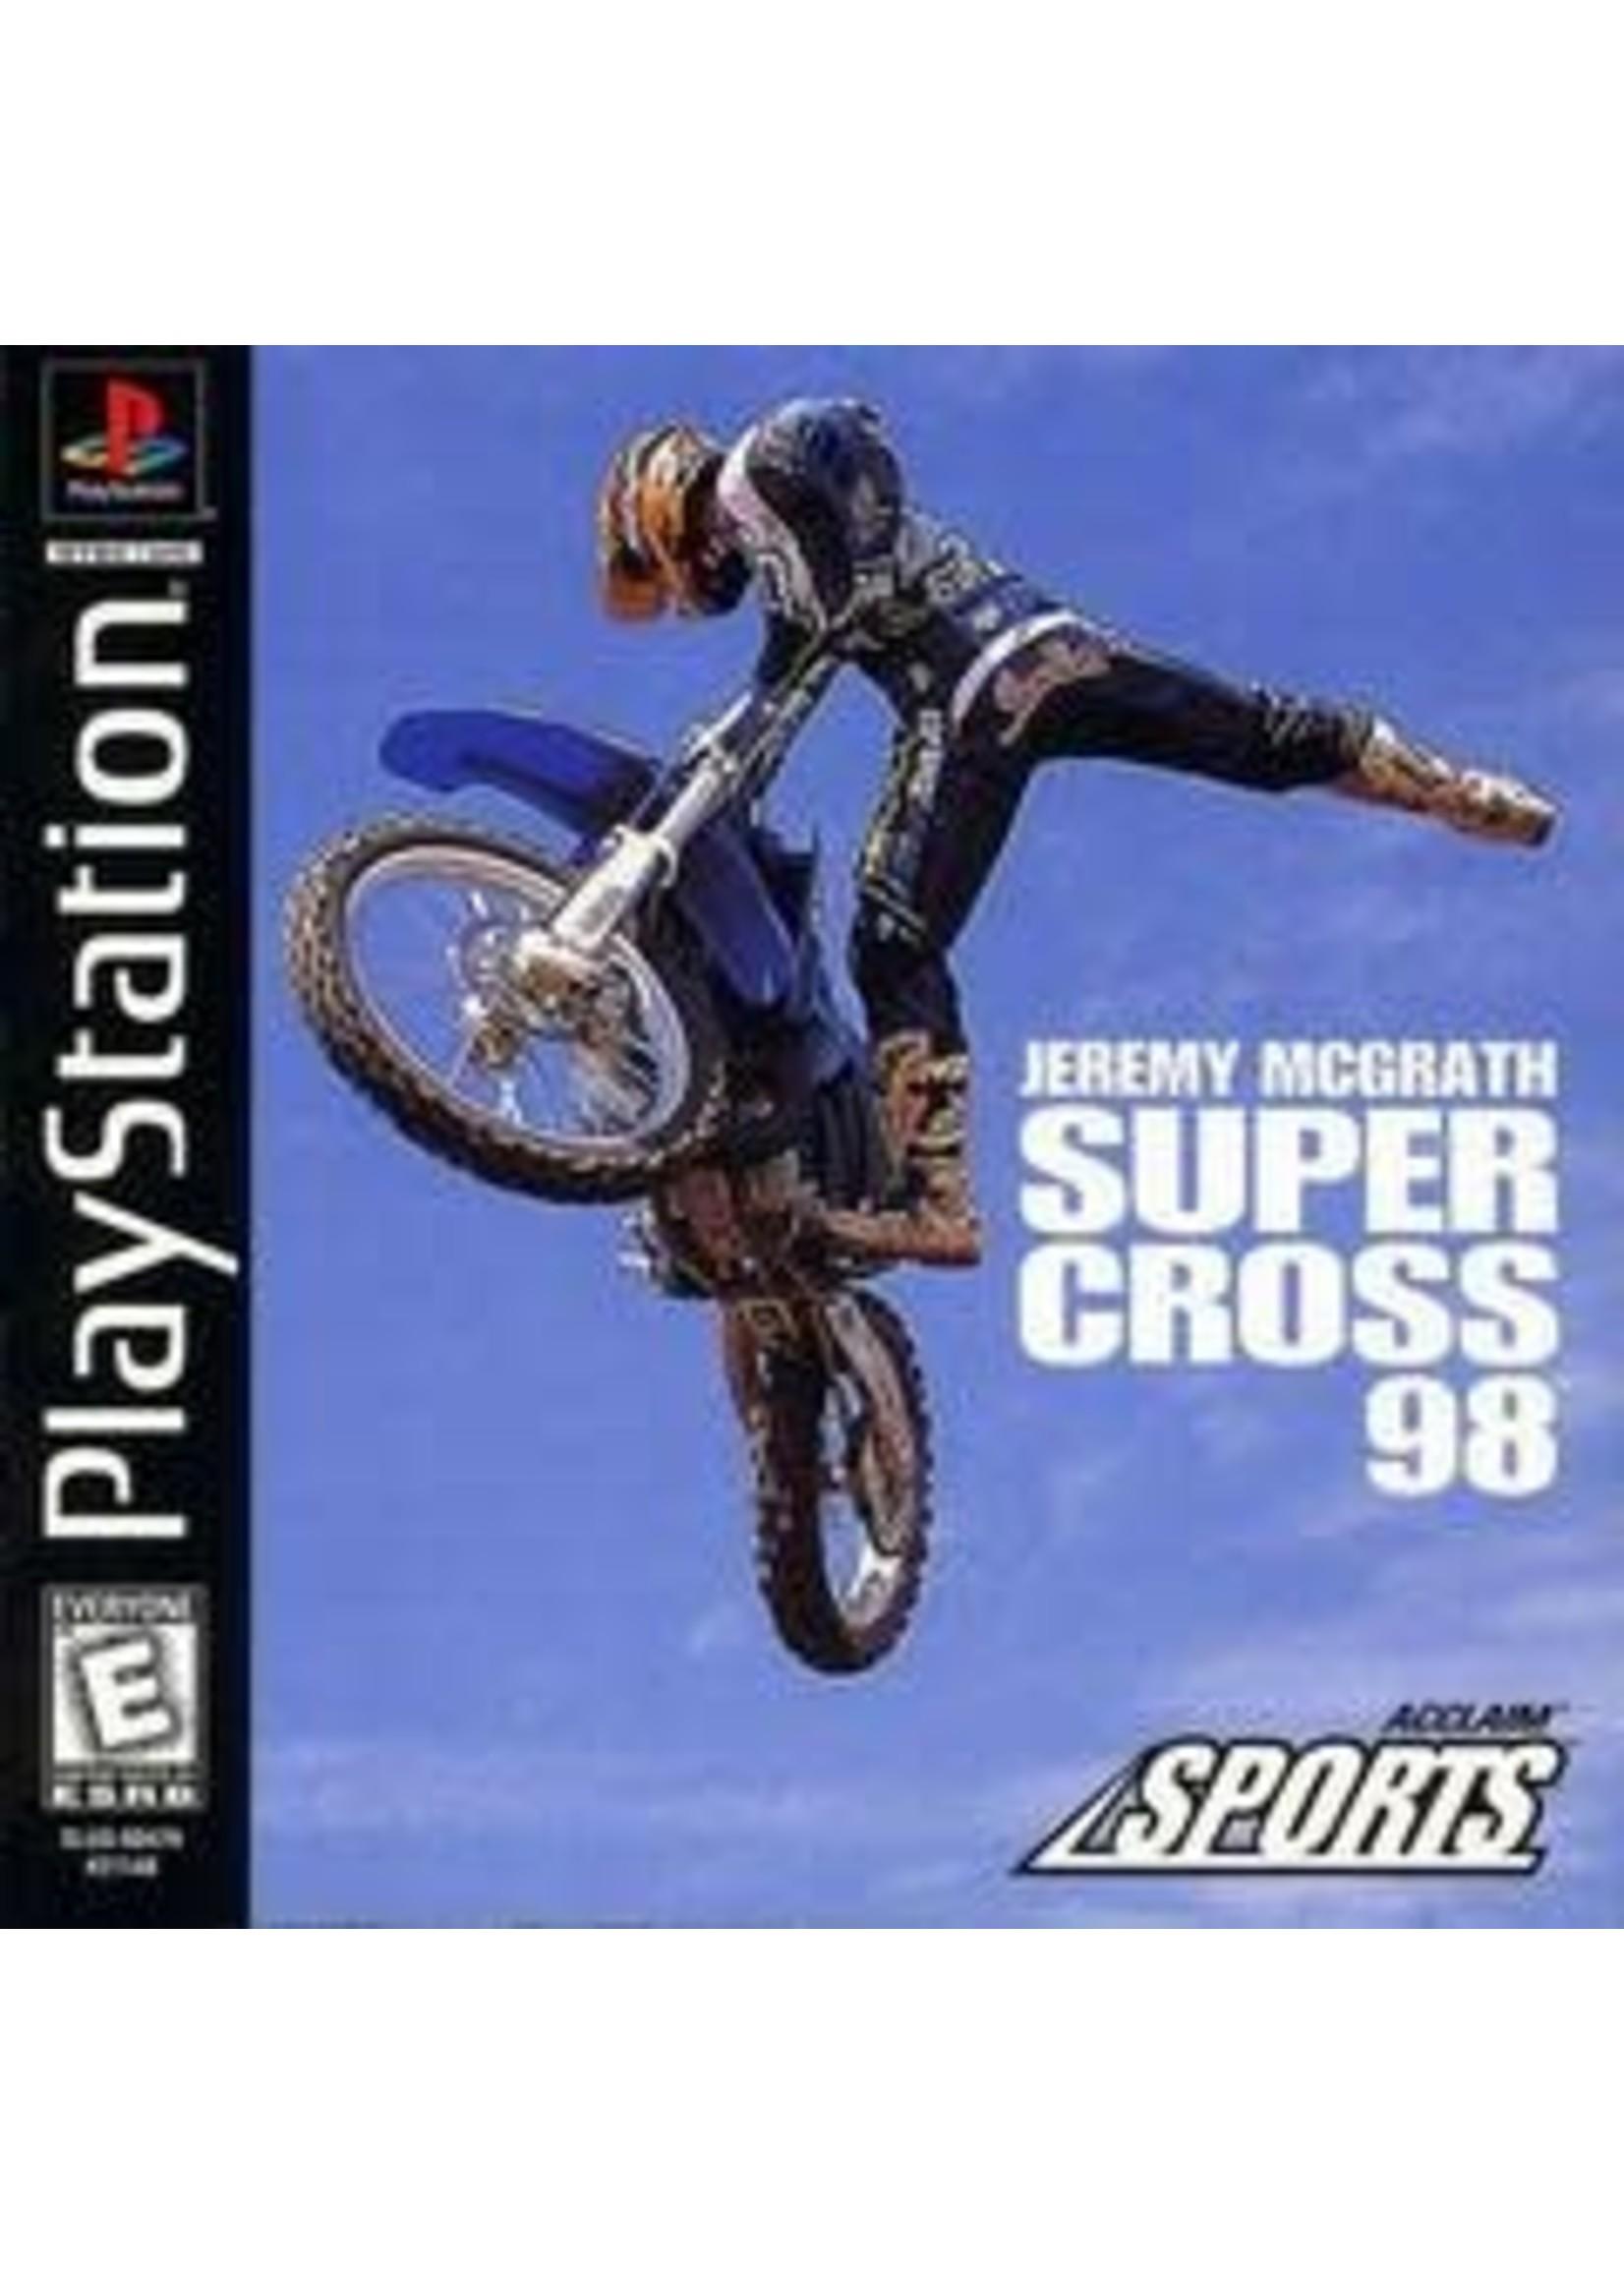 Jeremy McGrath Supercross 98 Playstation